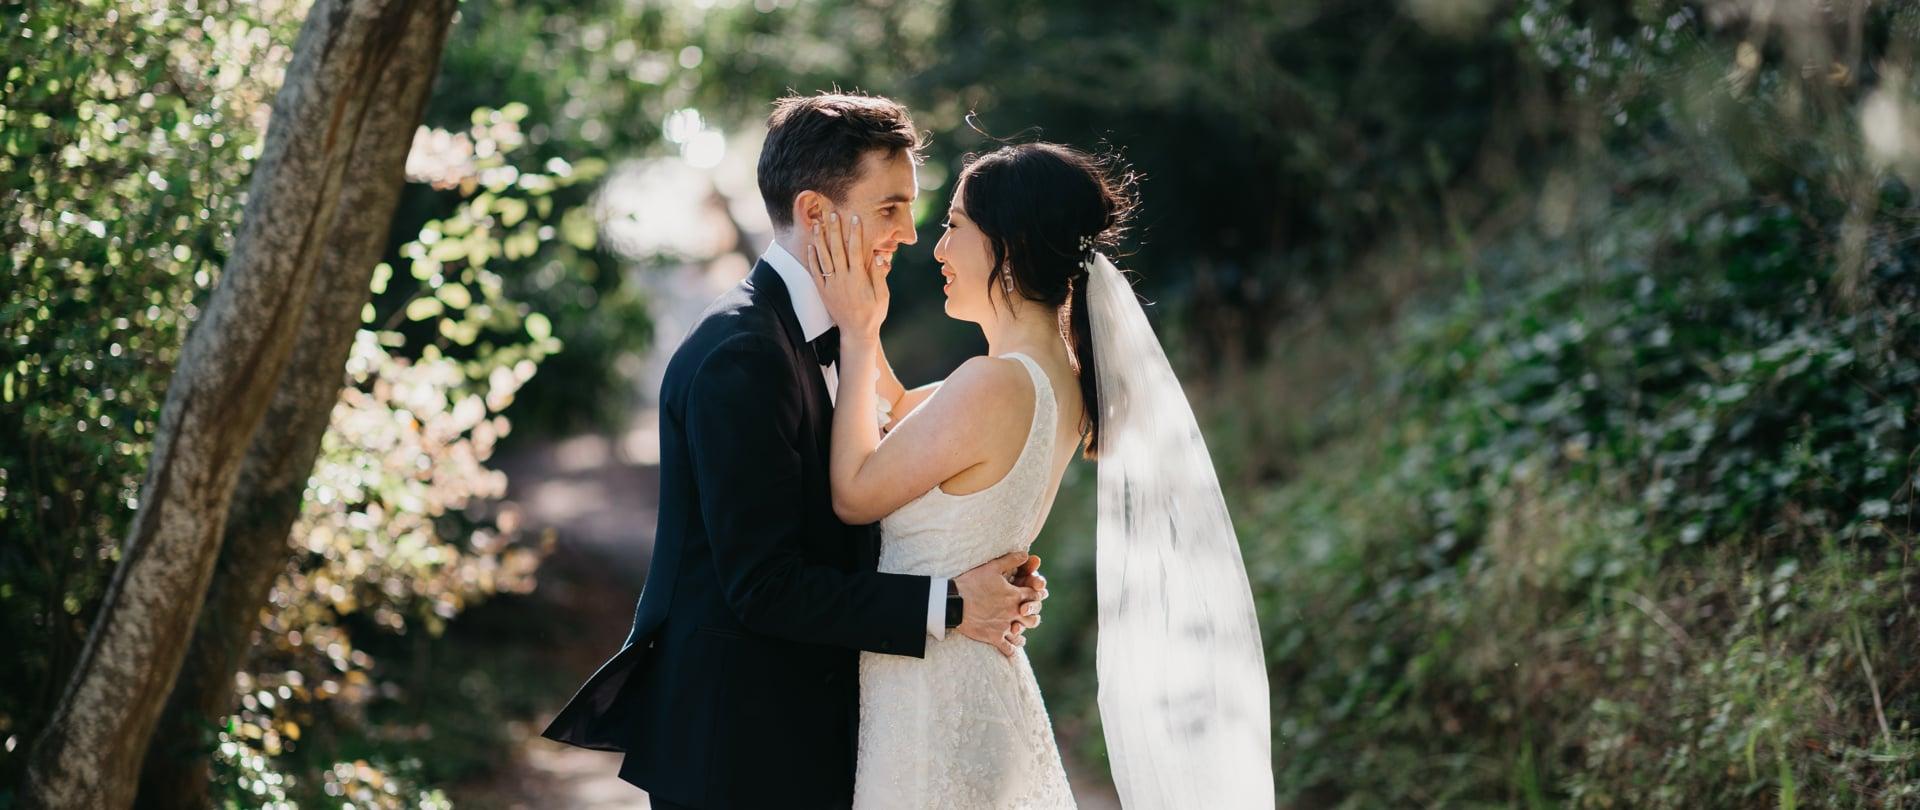 Shuyu & Hugh Wedding Video Filmed at Australia